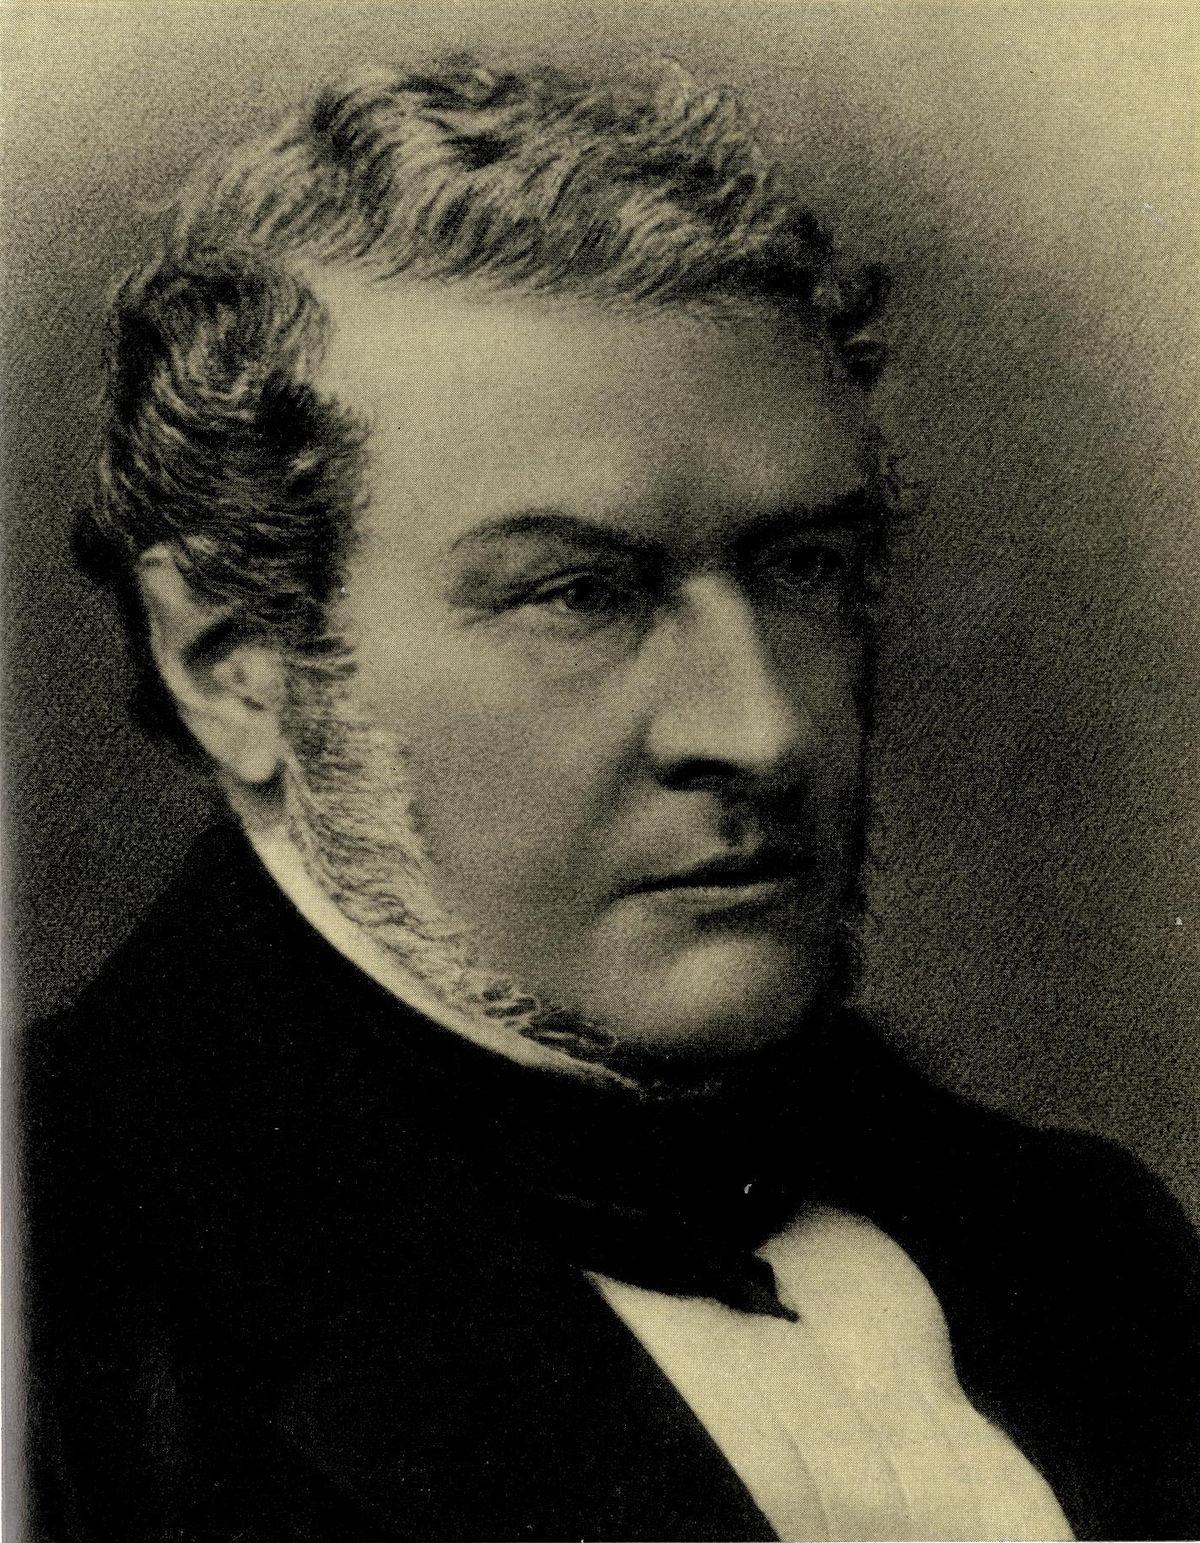 Eduard g lzenleuchter wikipedia for Kaufmann offenbach